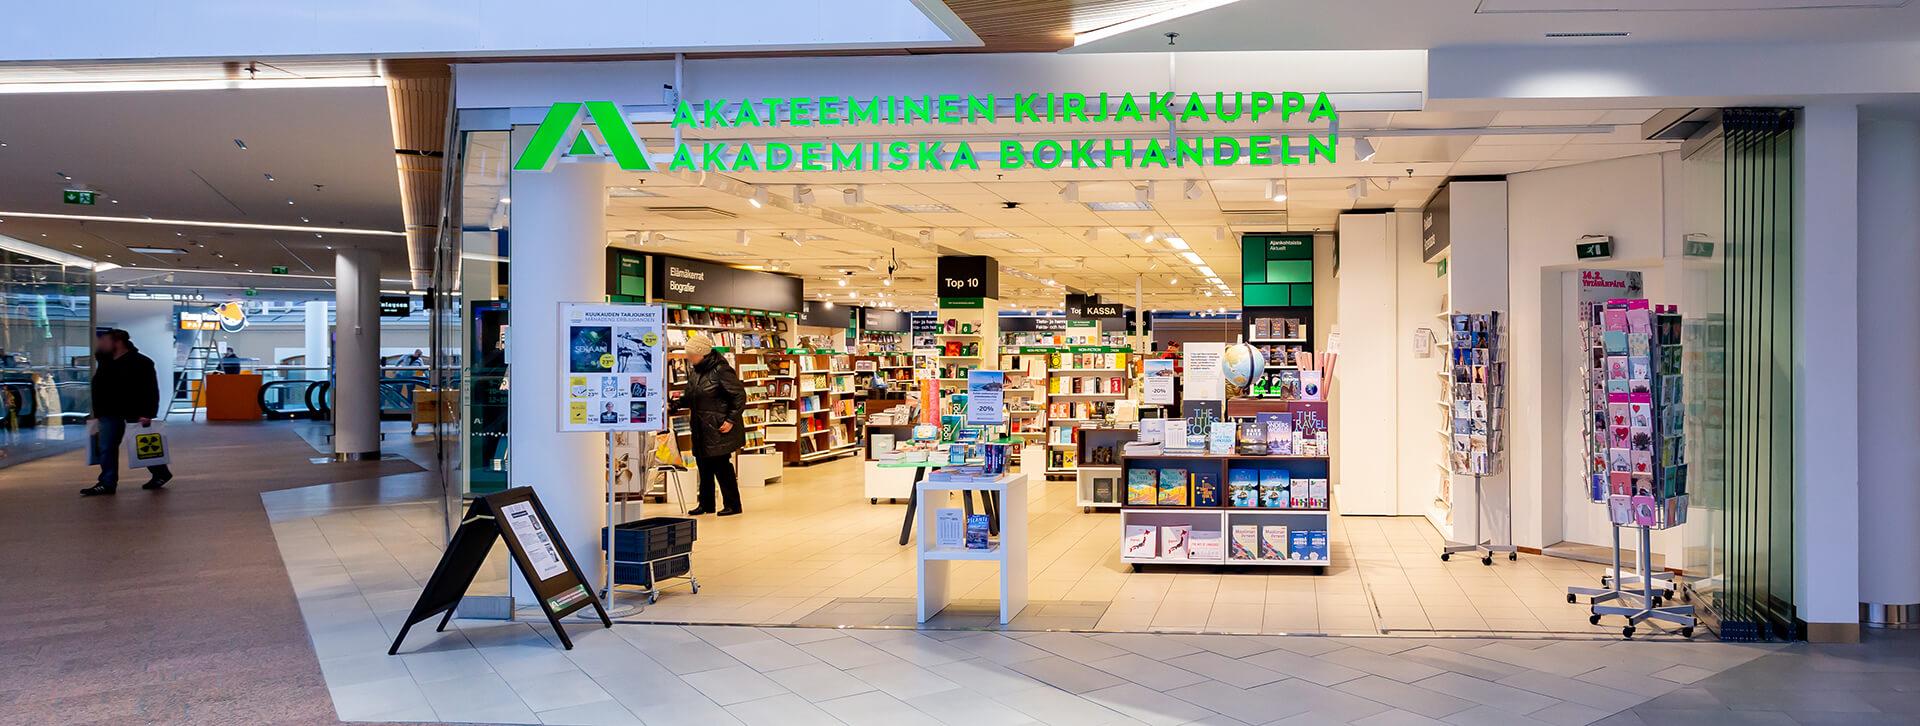 akateeminen-kirjakauppa